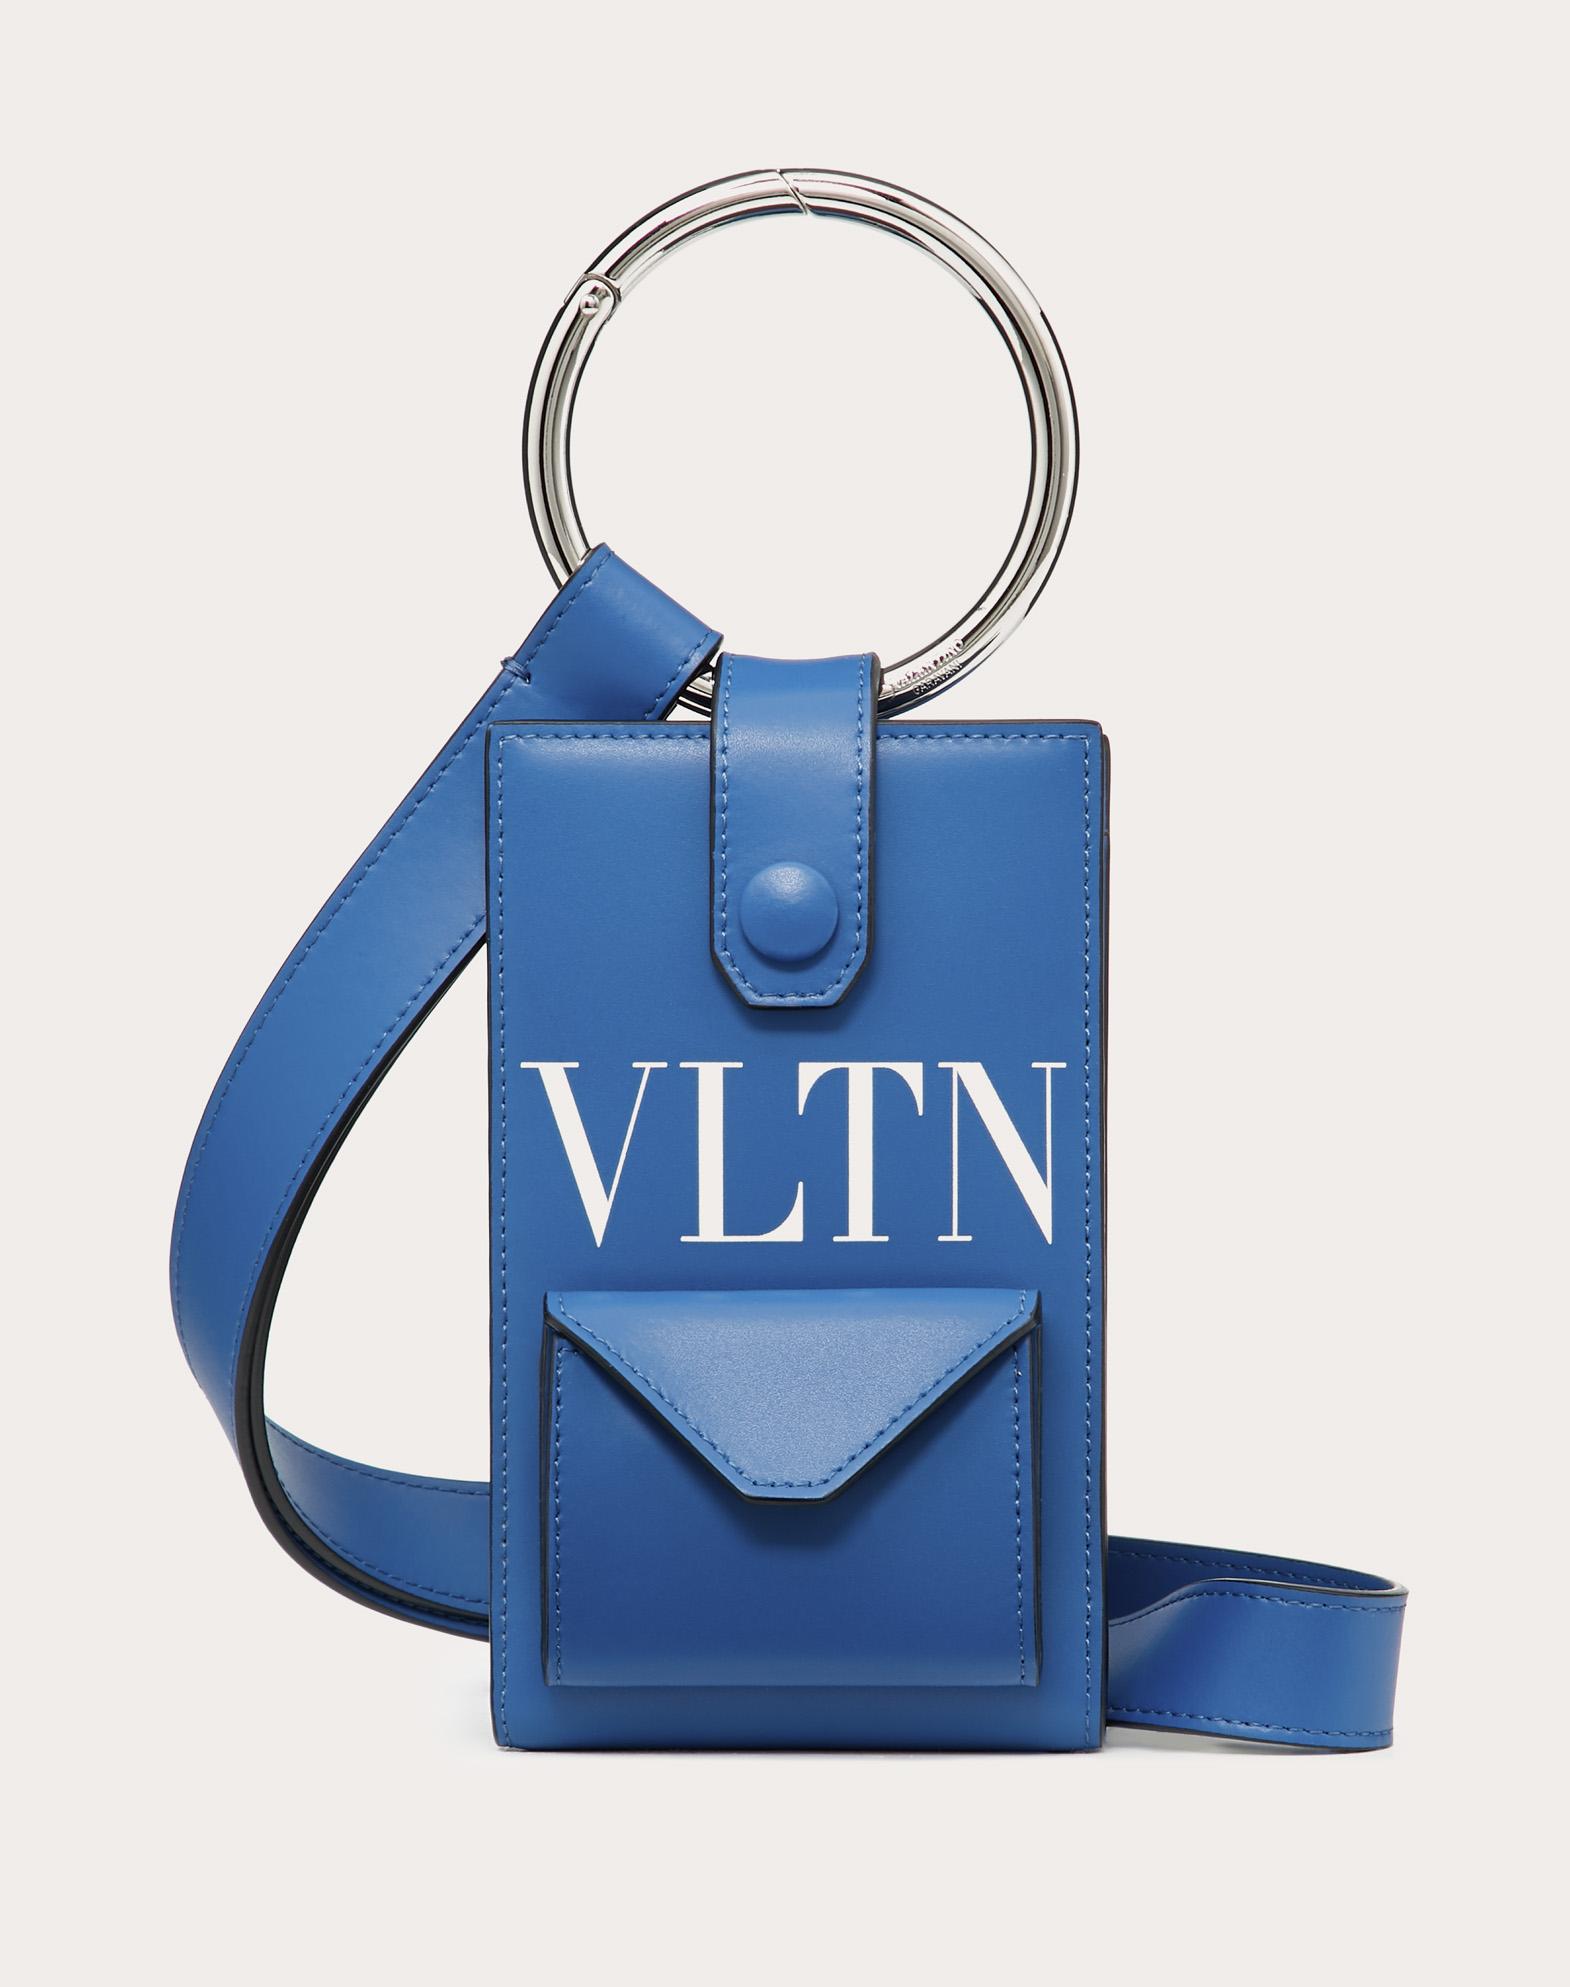 Étui tour de cou pour smartphone VLTN